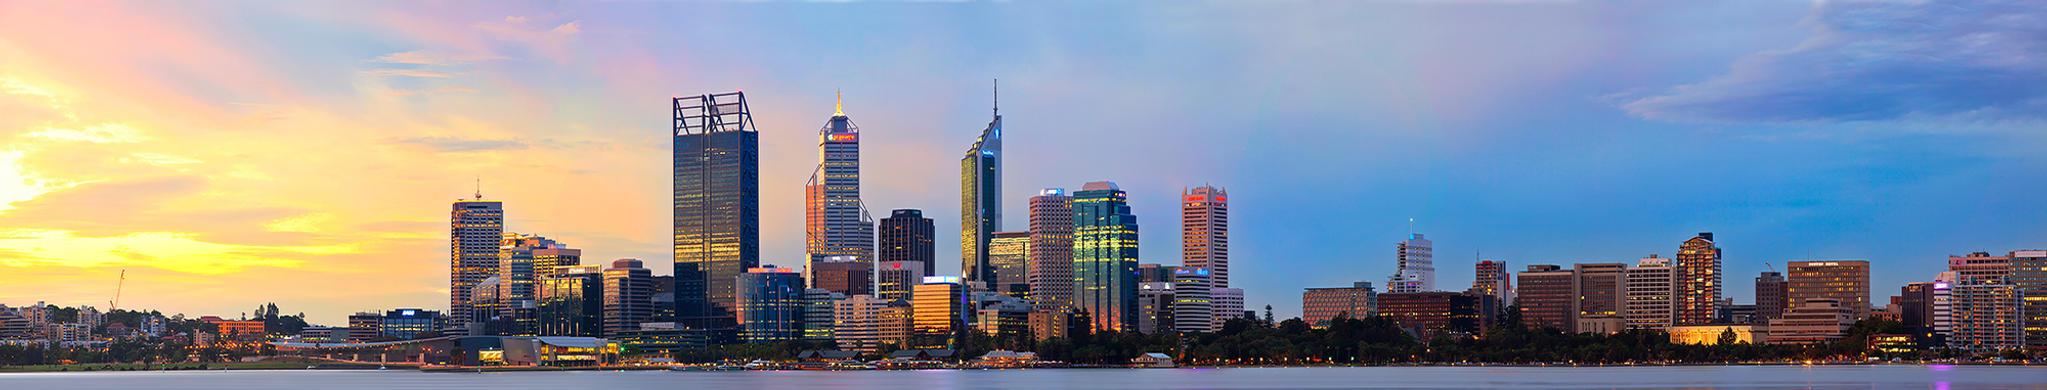 Perth Skyline by Furiousxr